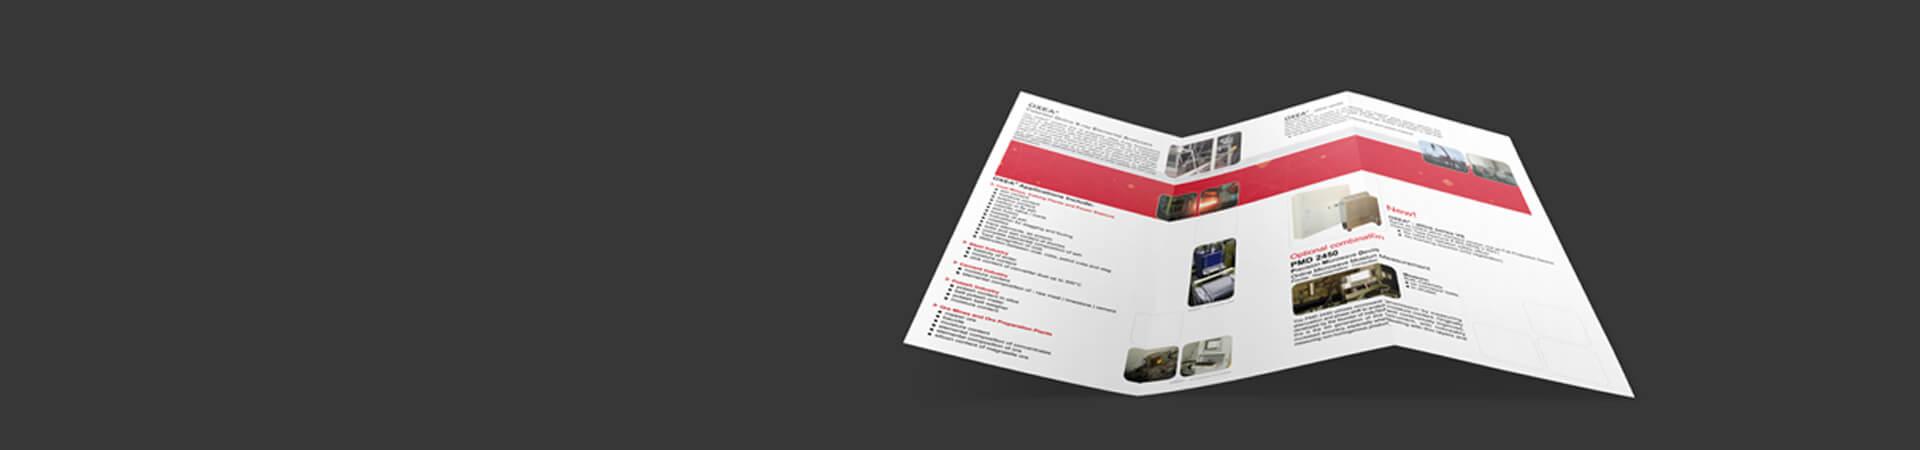 Publikationen mit PDF Downloads | Indutech instruments GmbH